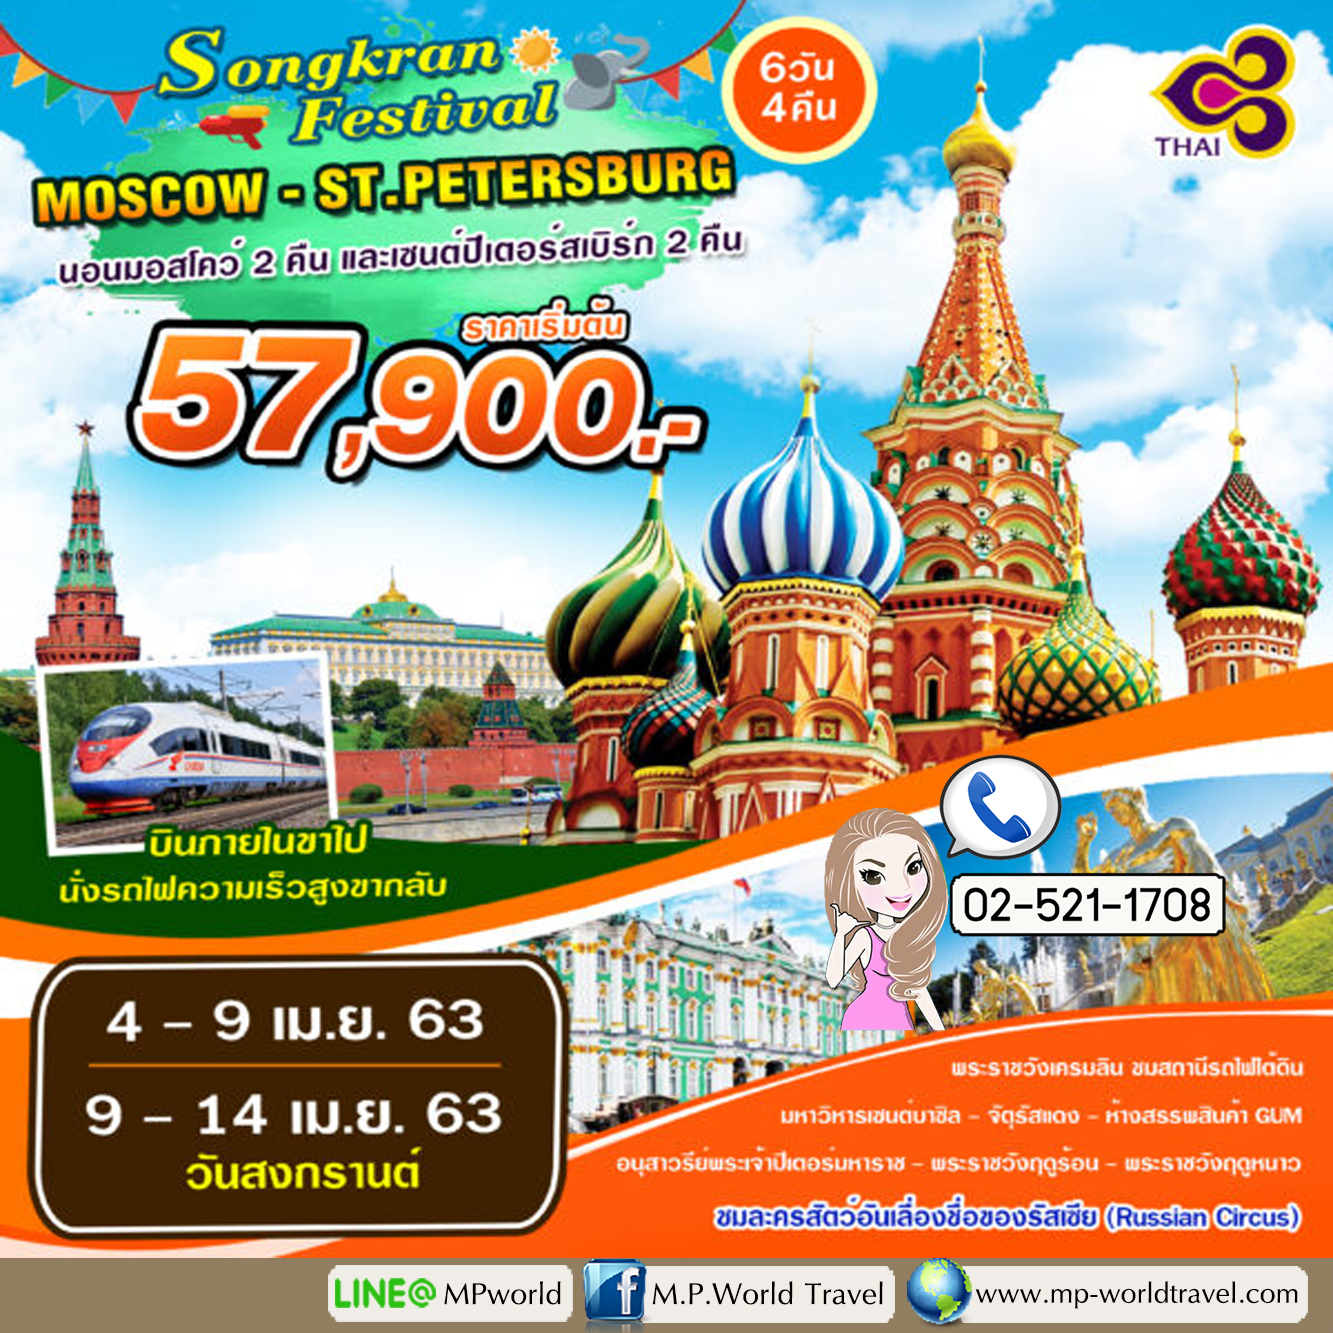 ทัวร์รัสเซีย – มอสโคว์ – เซนต์ปีเตอร์เบิร์ก  6 วัน 4 คืน